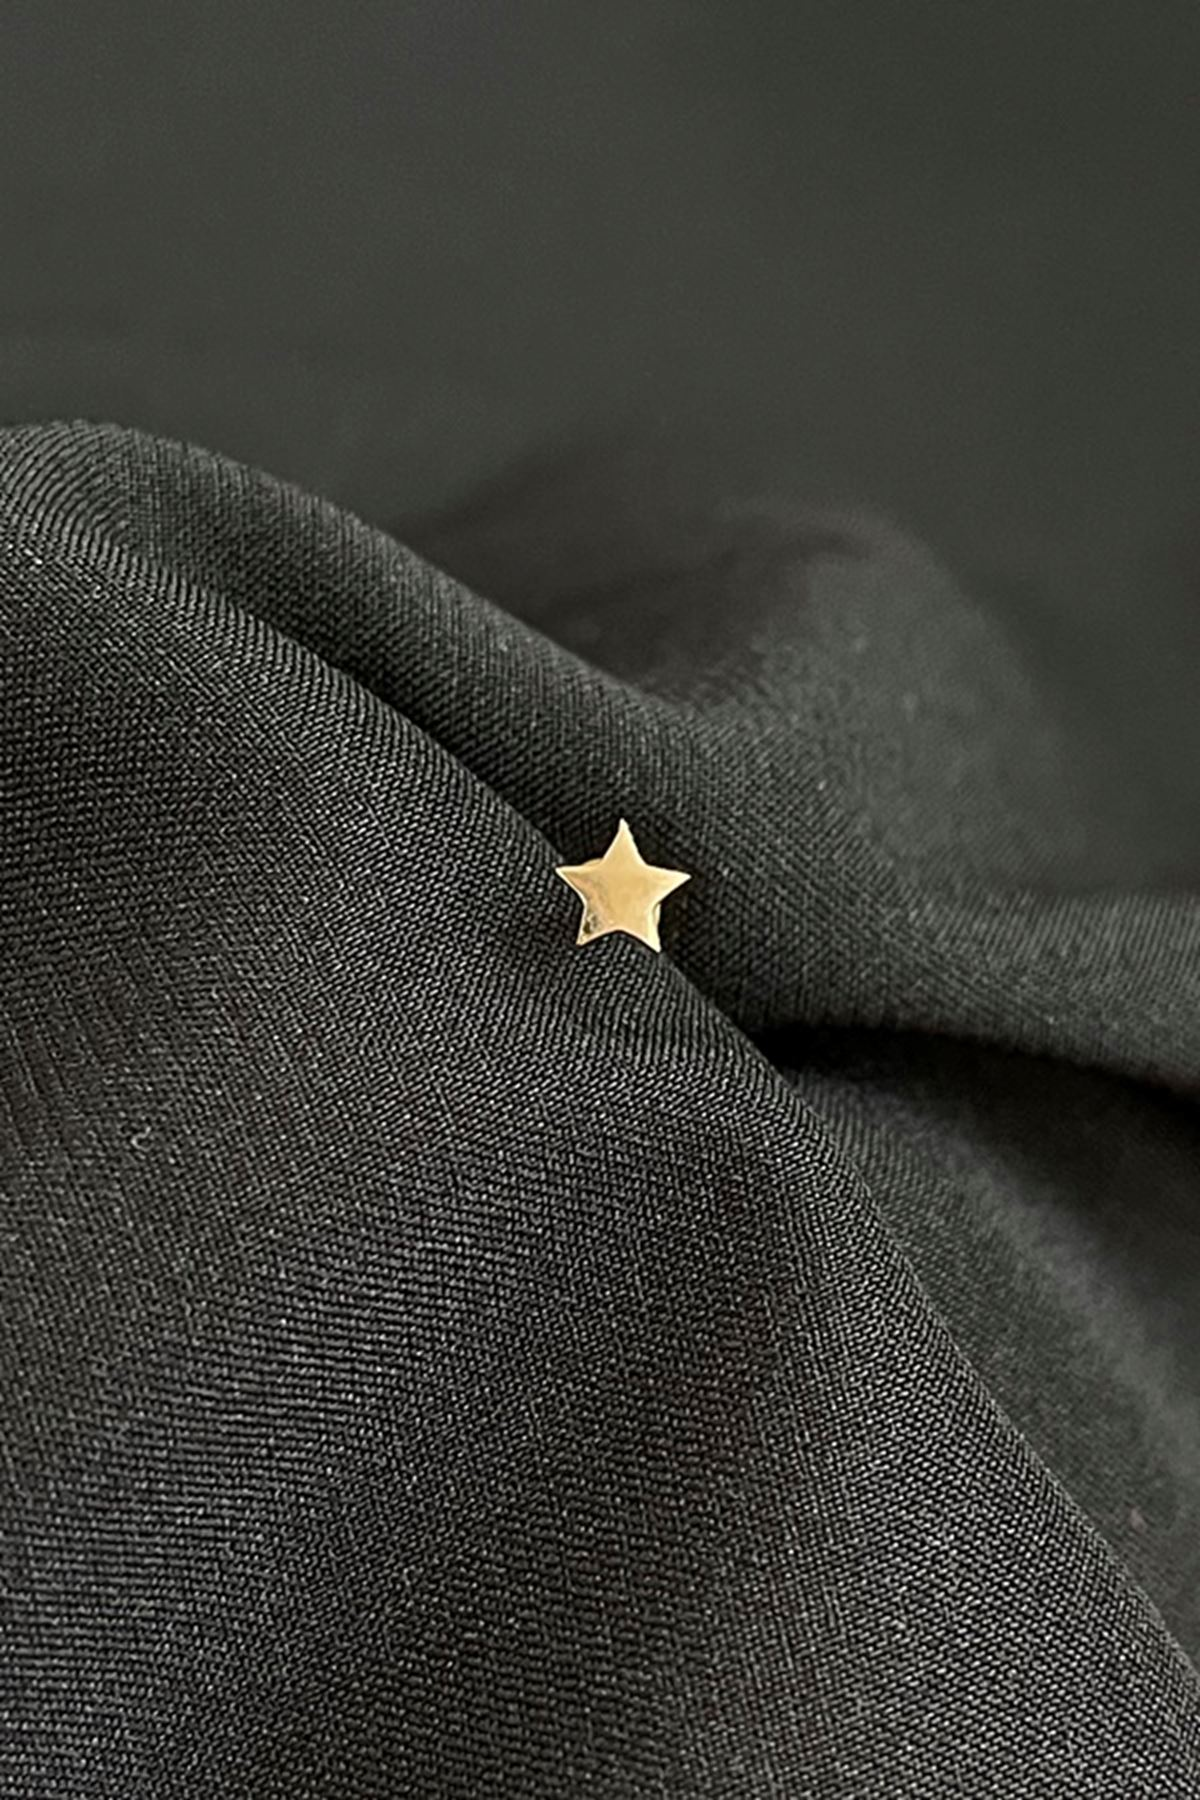 Yıldız Tragus TRG0013